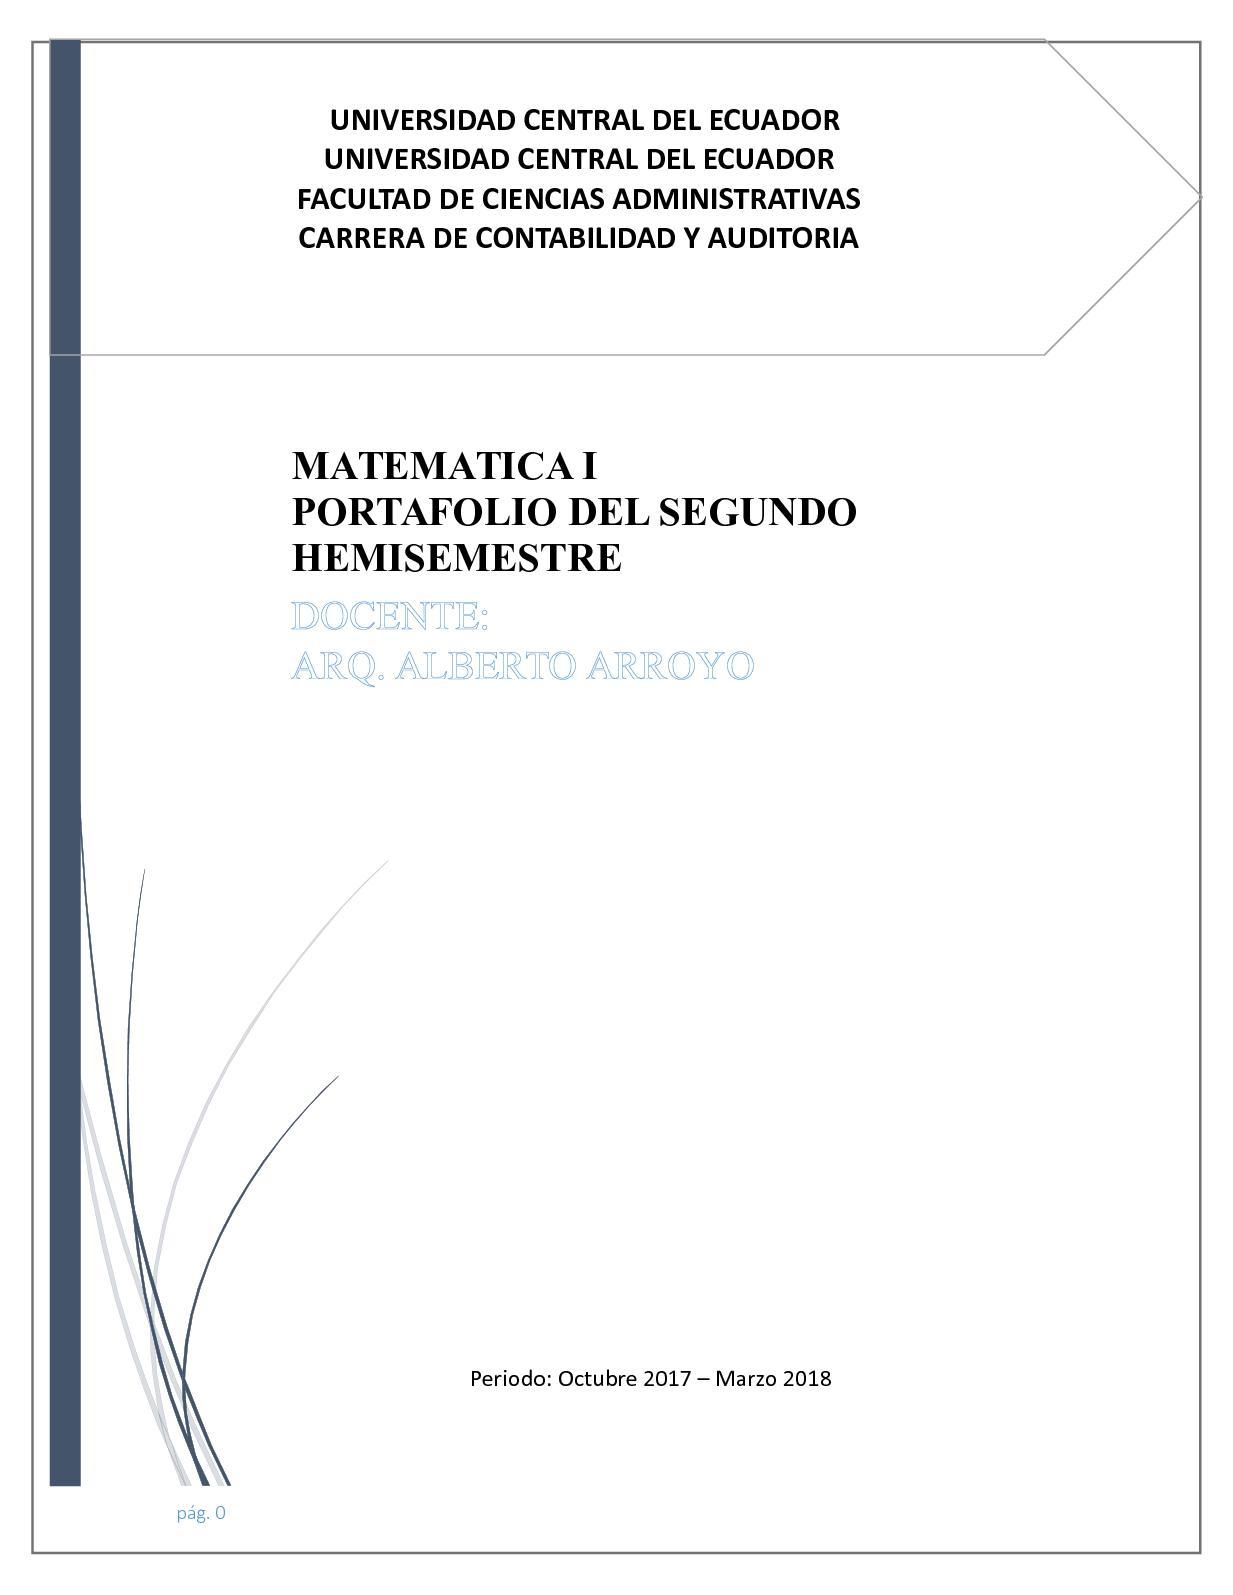 Calameo ca1-1